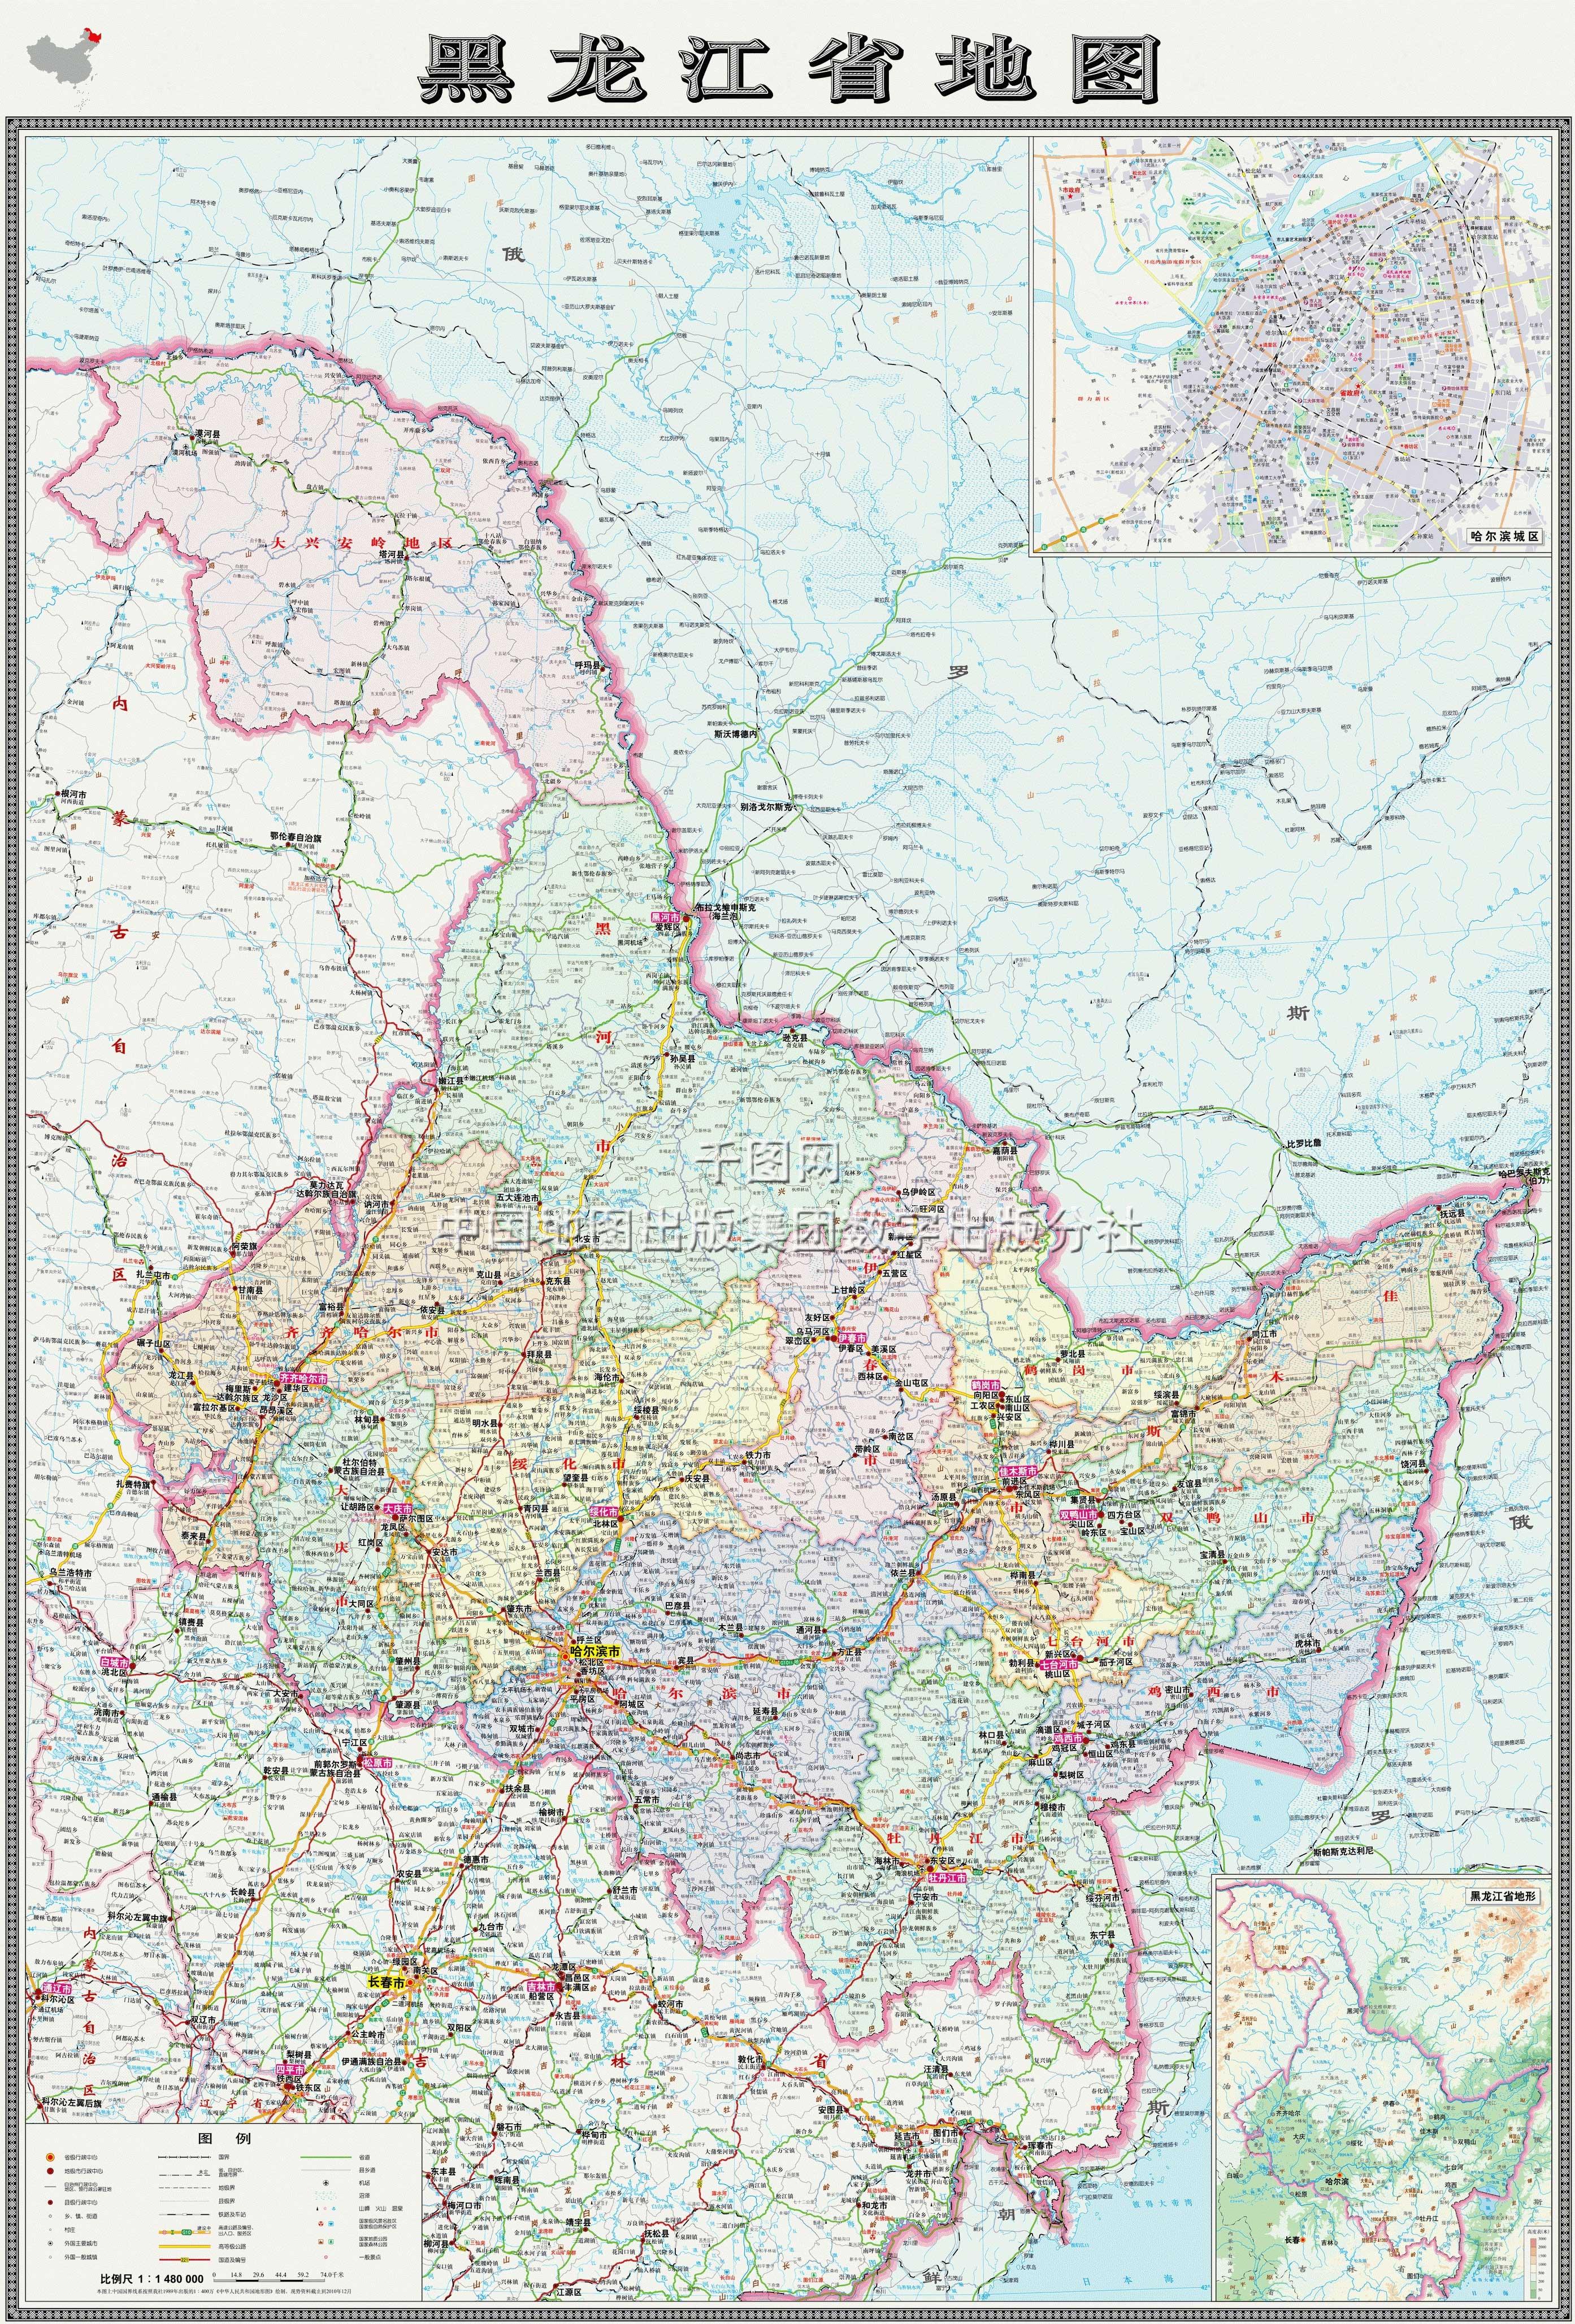 黑龙江省地图高清版_黑龙江地图库